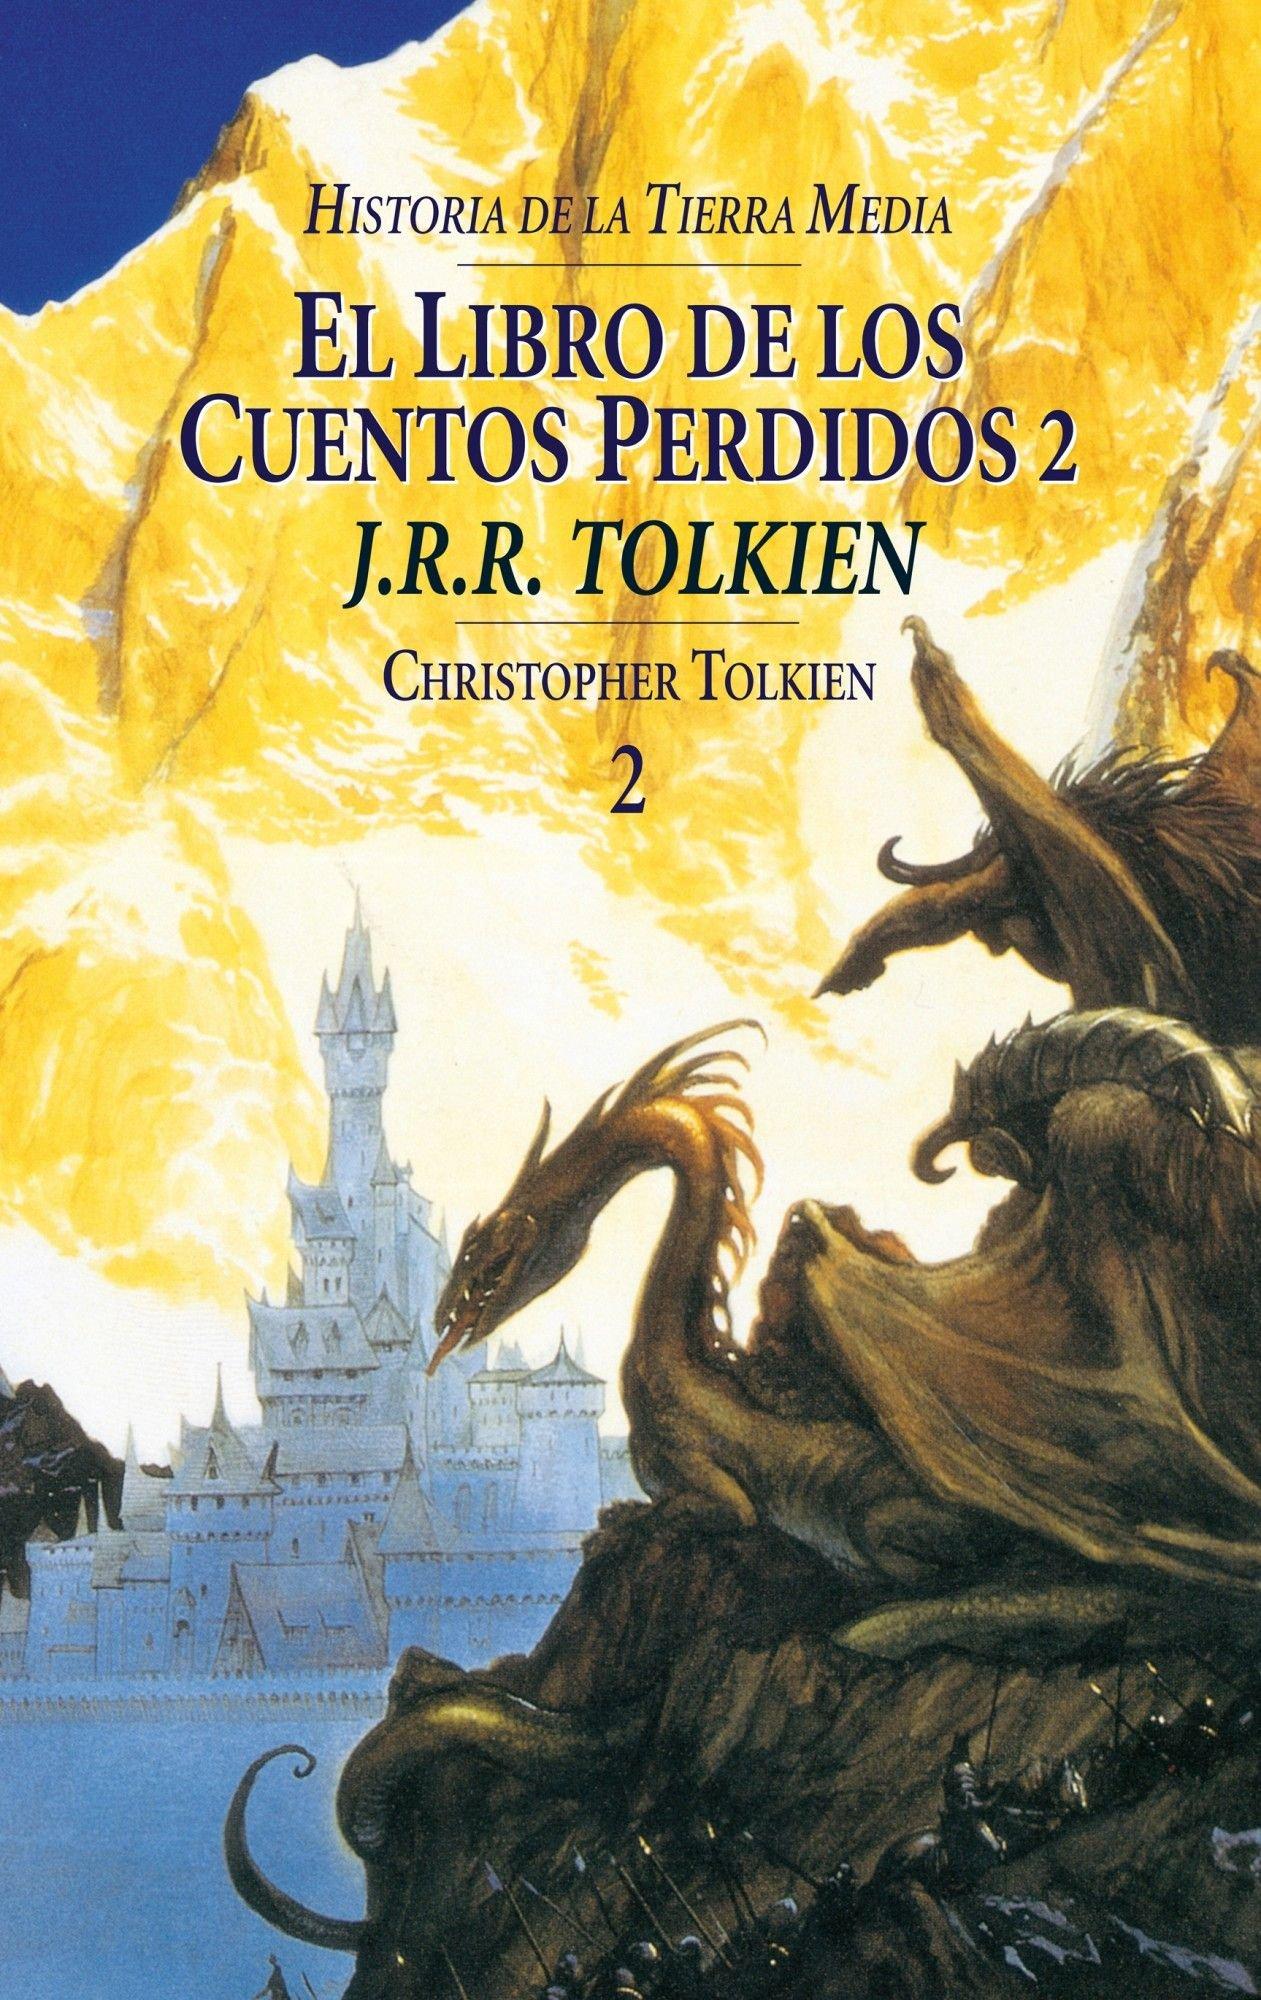 el-libro-de-los-cuentos-perdidos-ii-biblioteca-j-r-r-tolkien-band-4